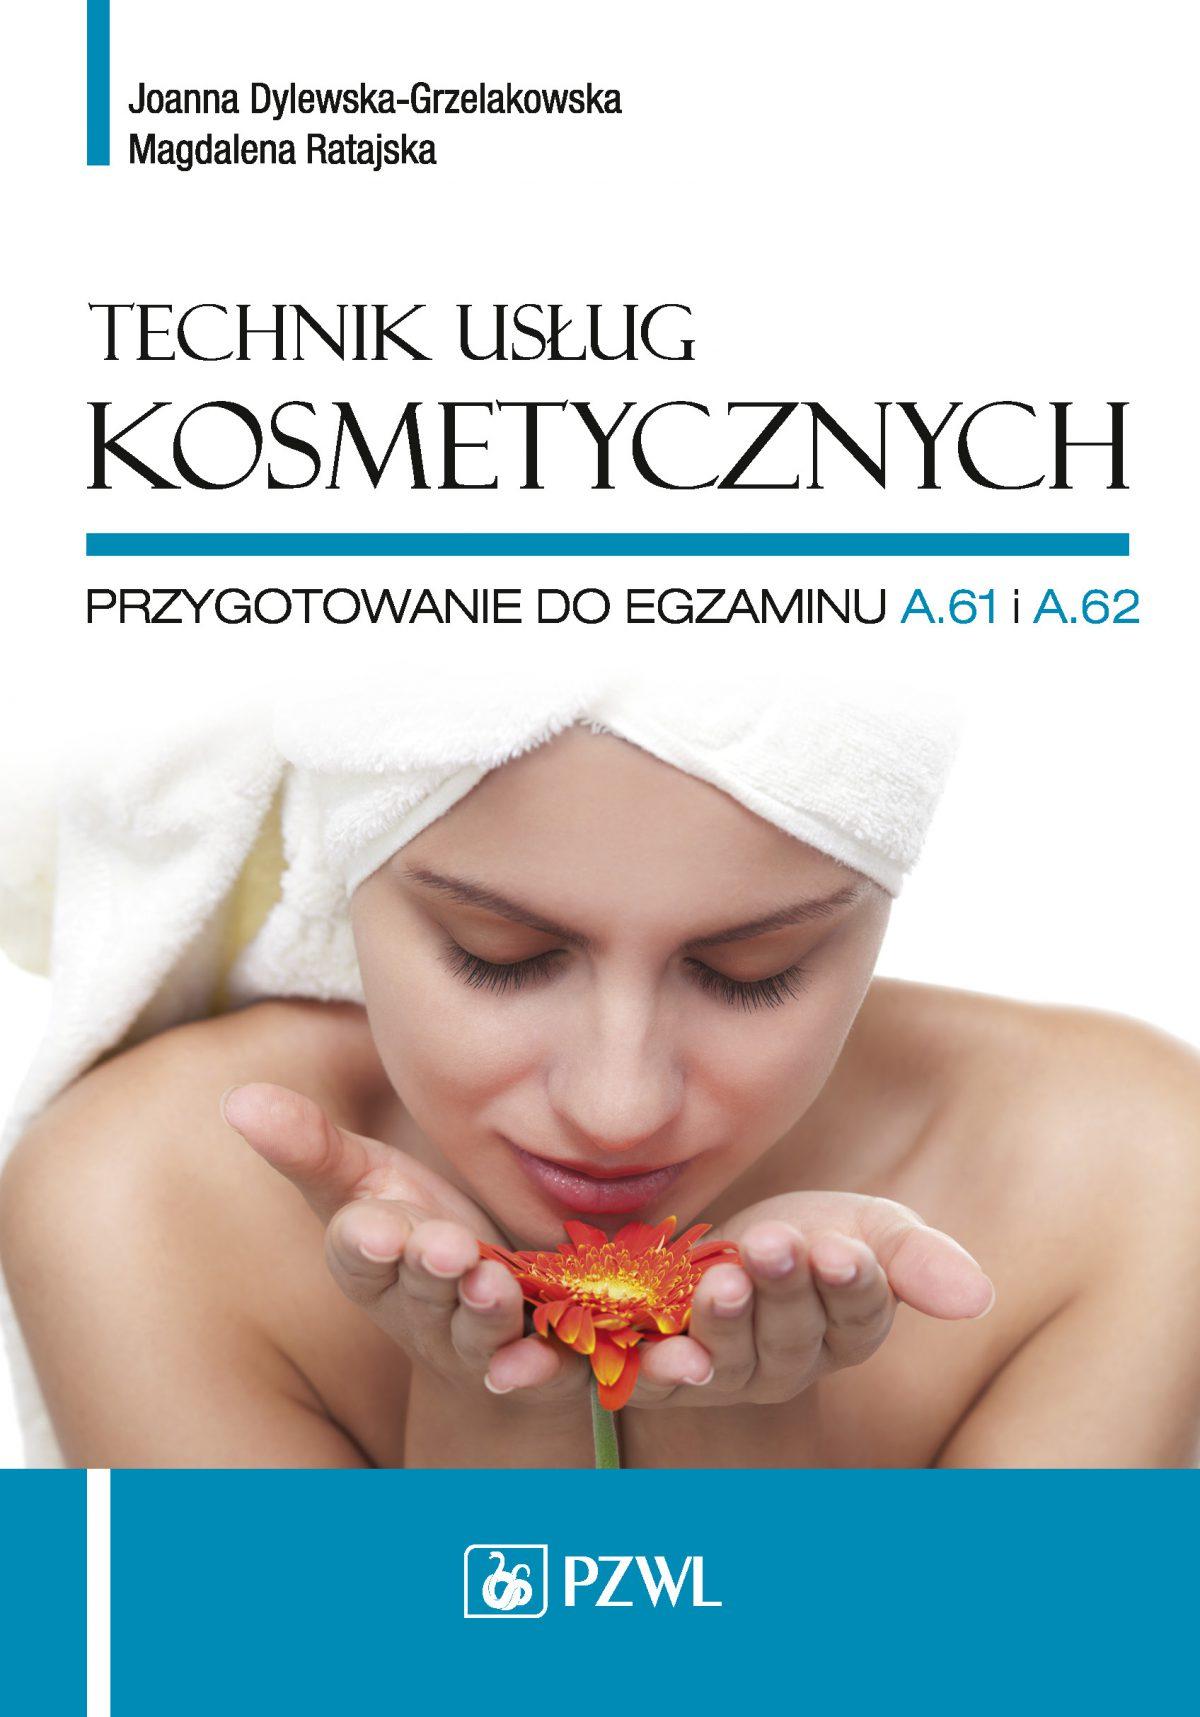 Technik usług kosmetycznych - Ebook (Książka na Kindle) do pobrania w formacie MOBI